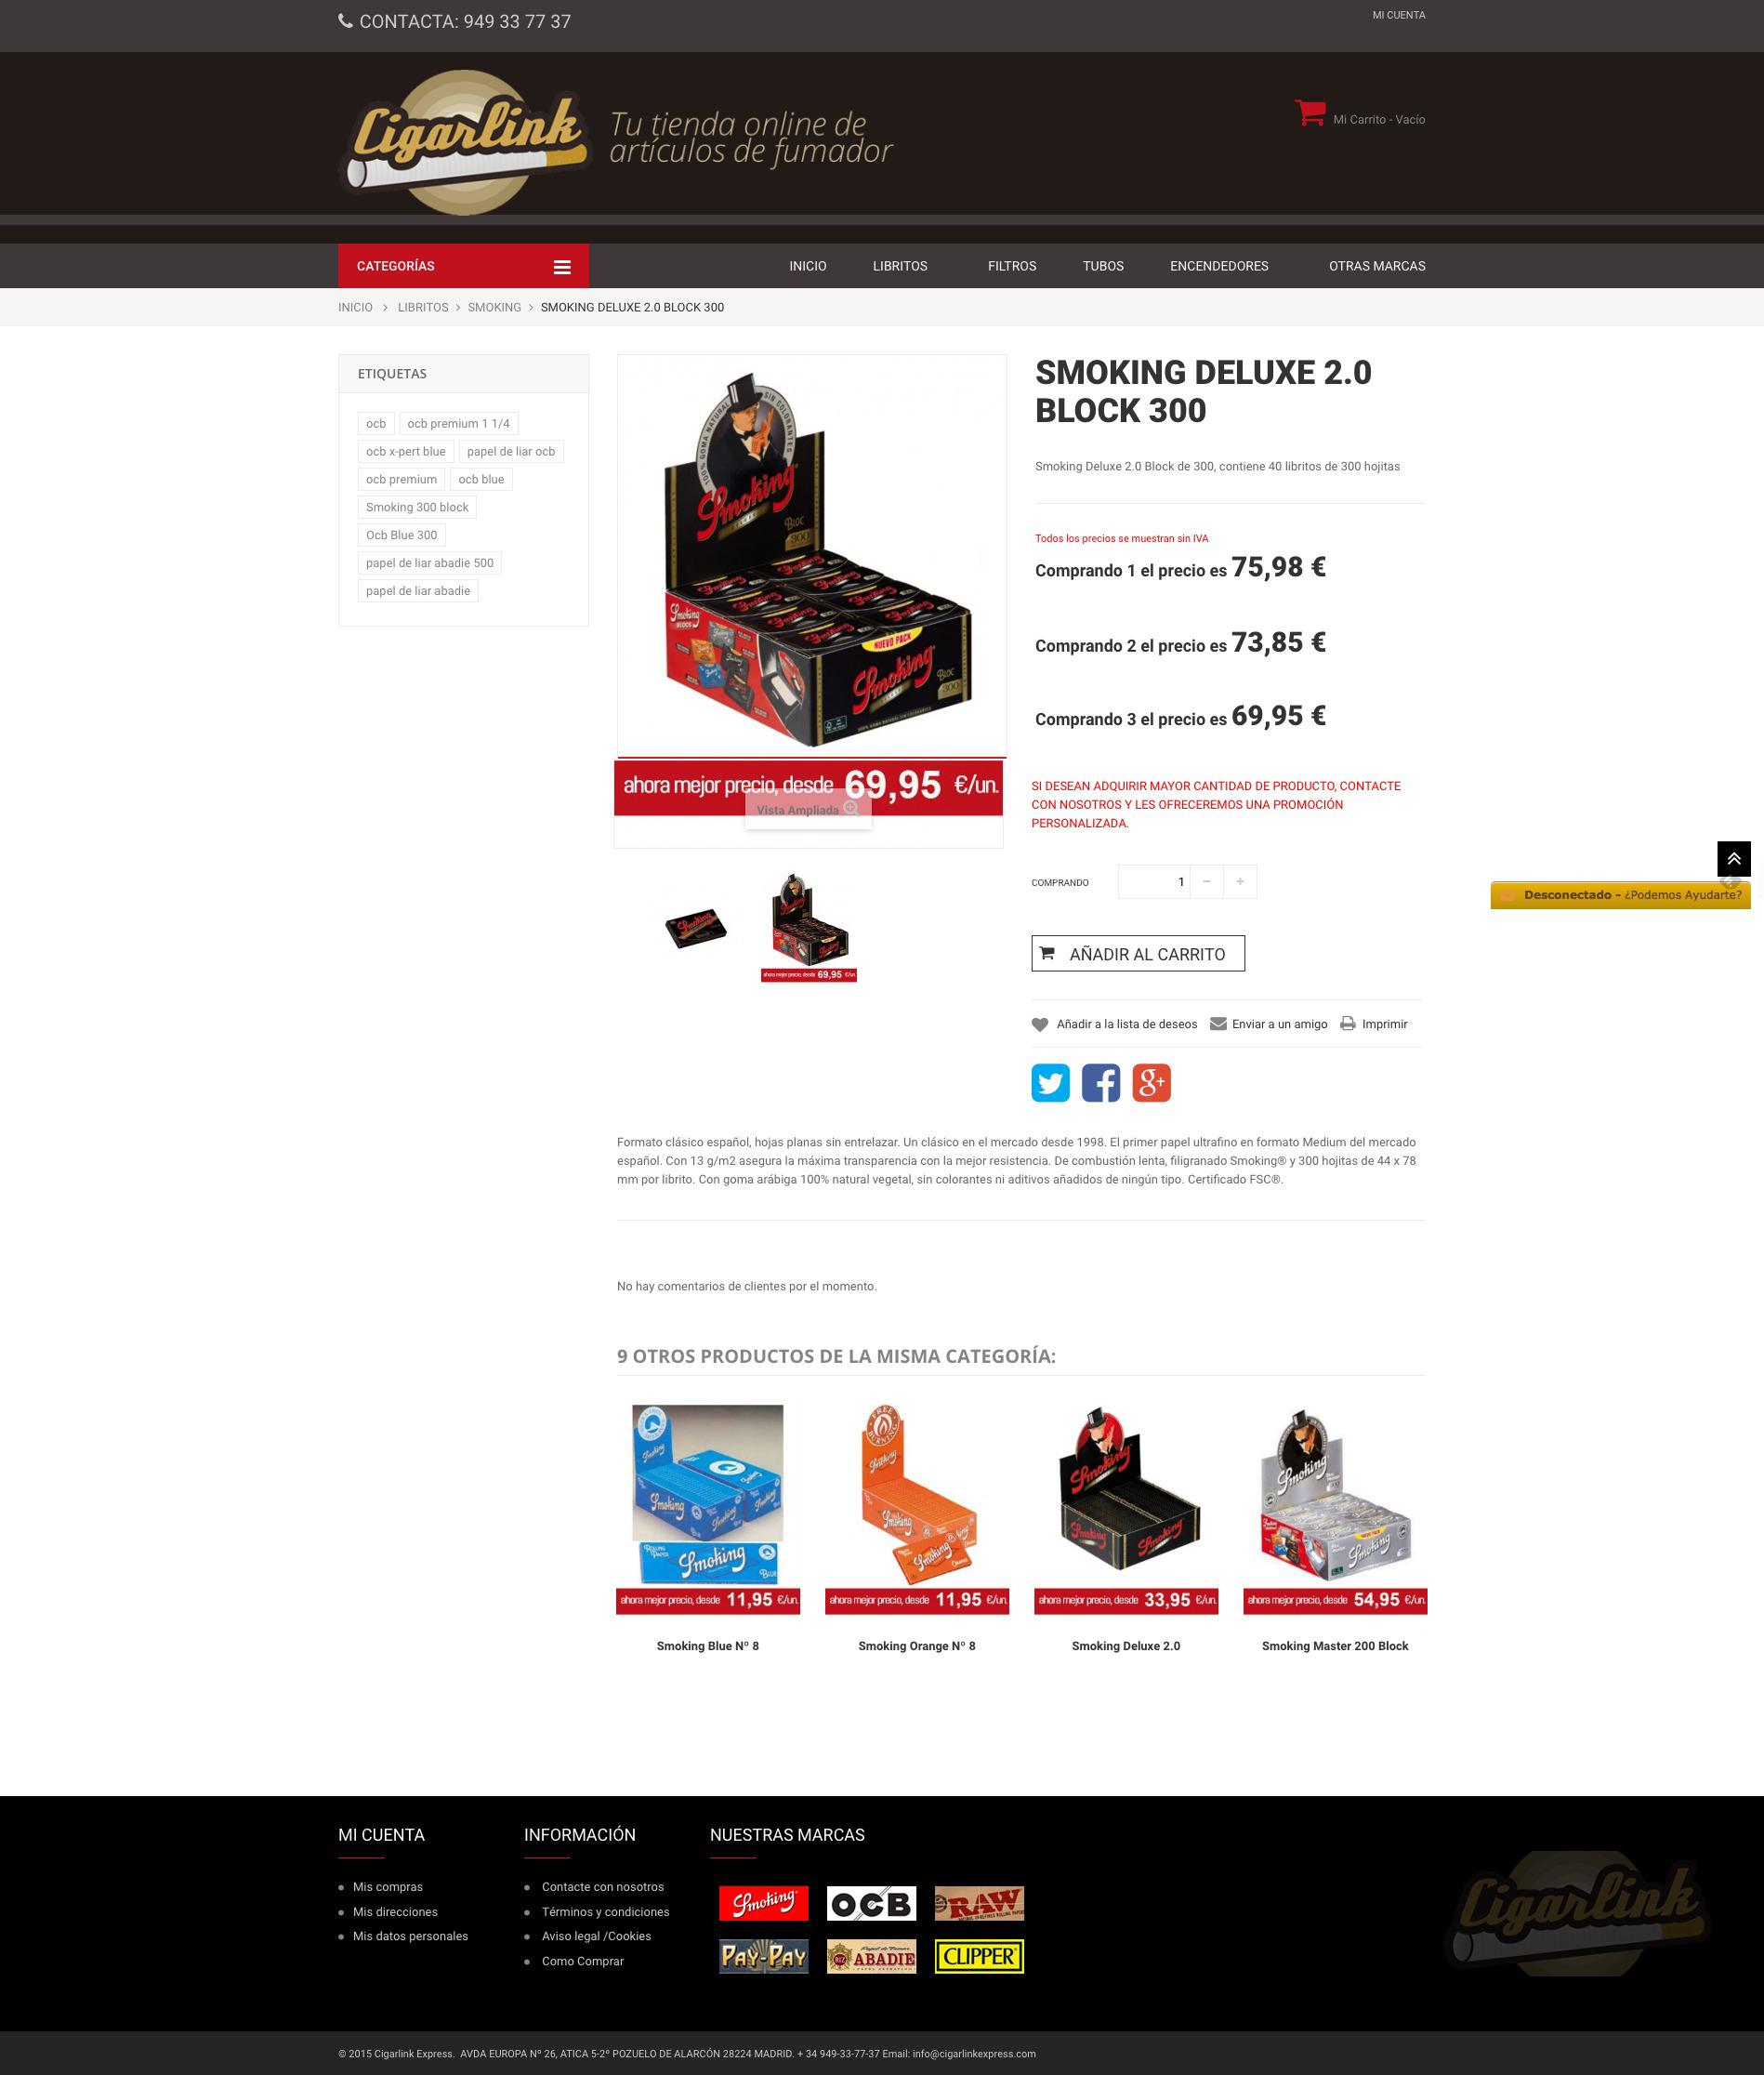 Detalle producto tienda online Cigarlink Express